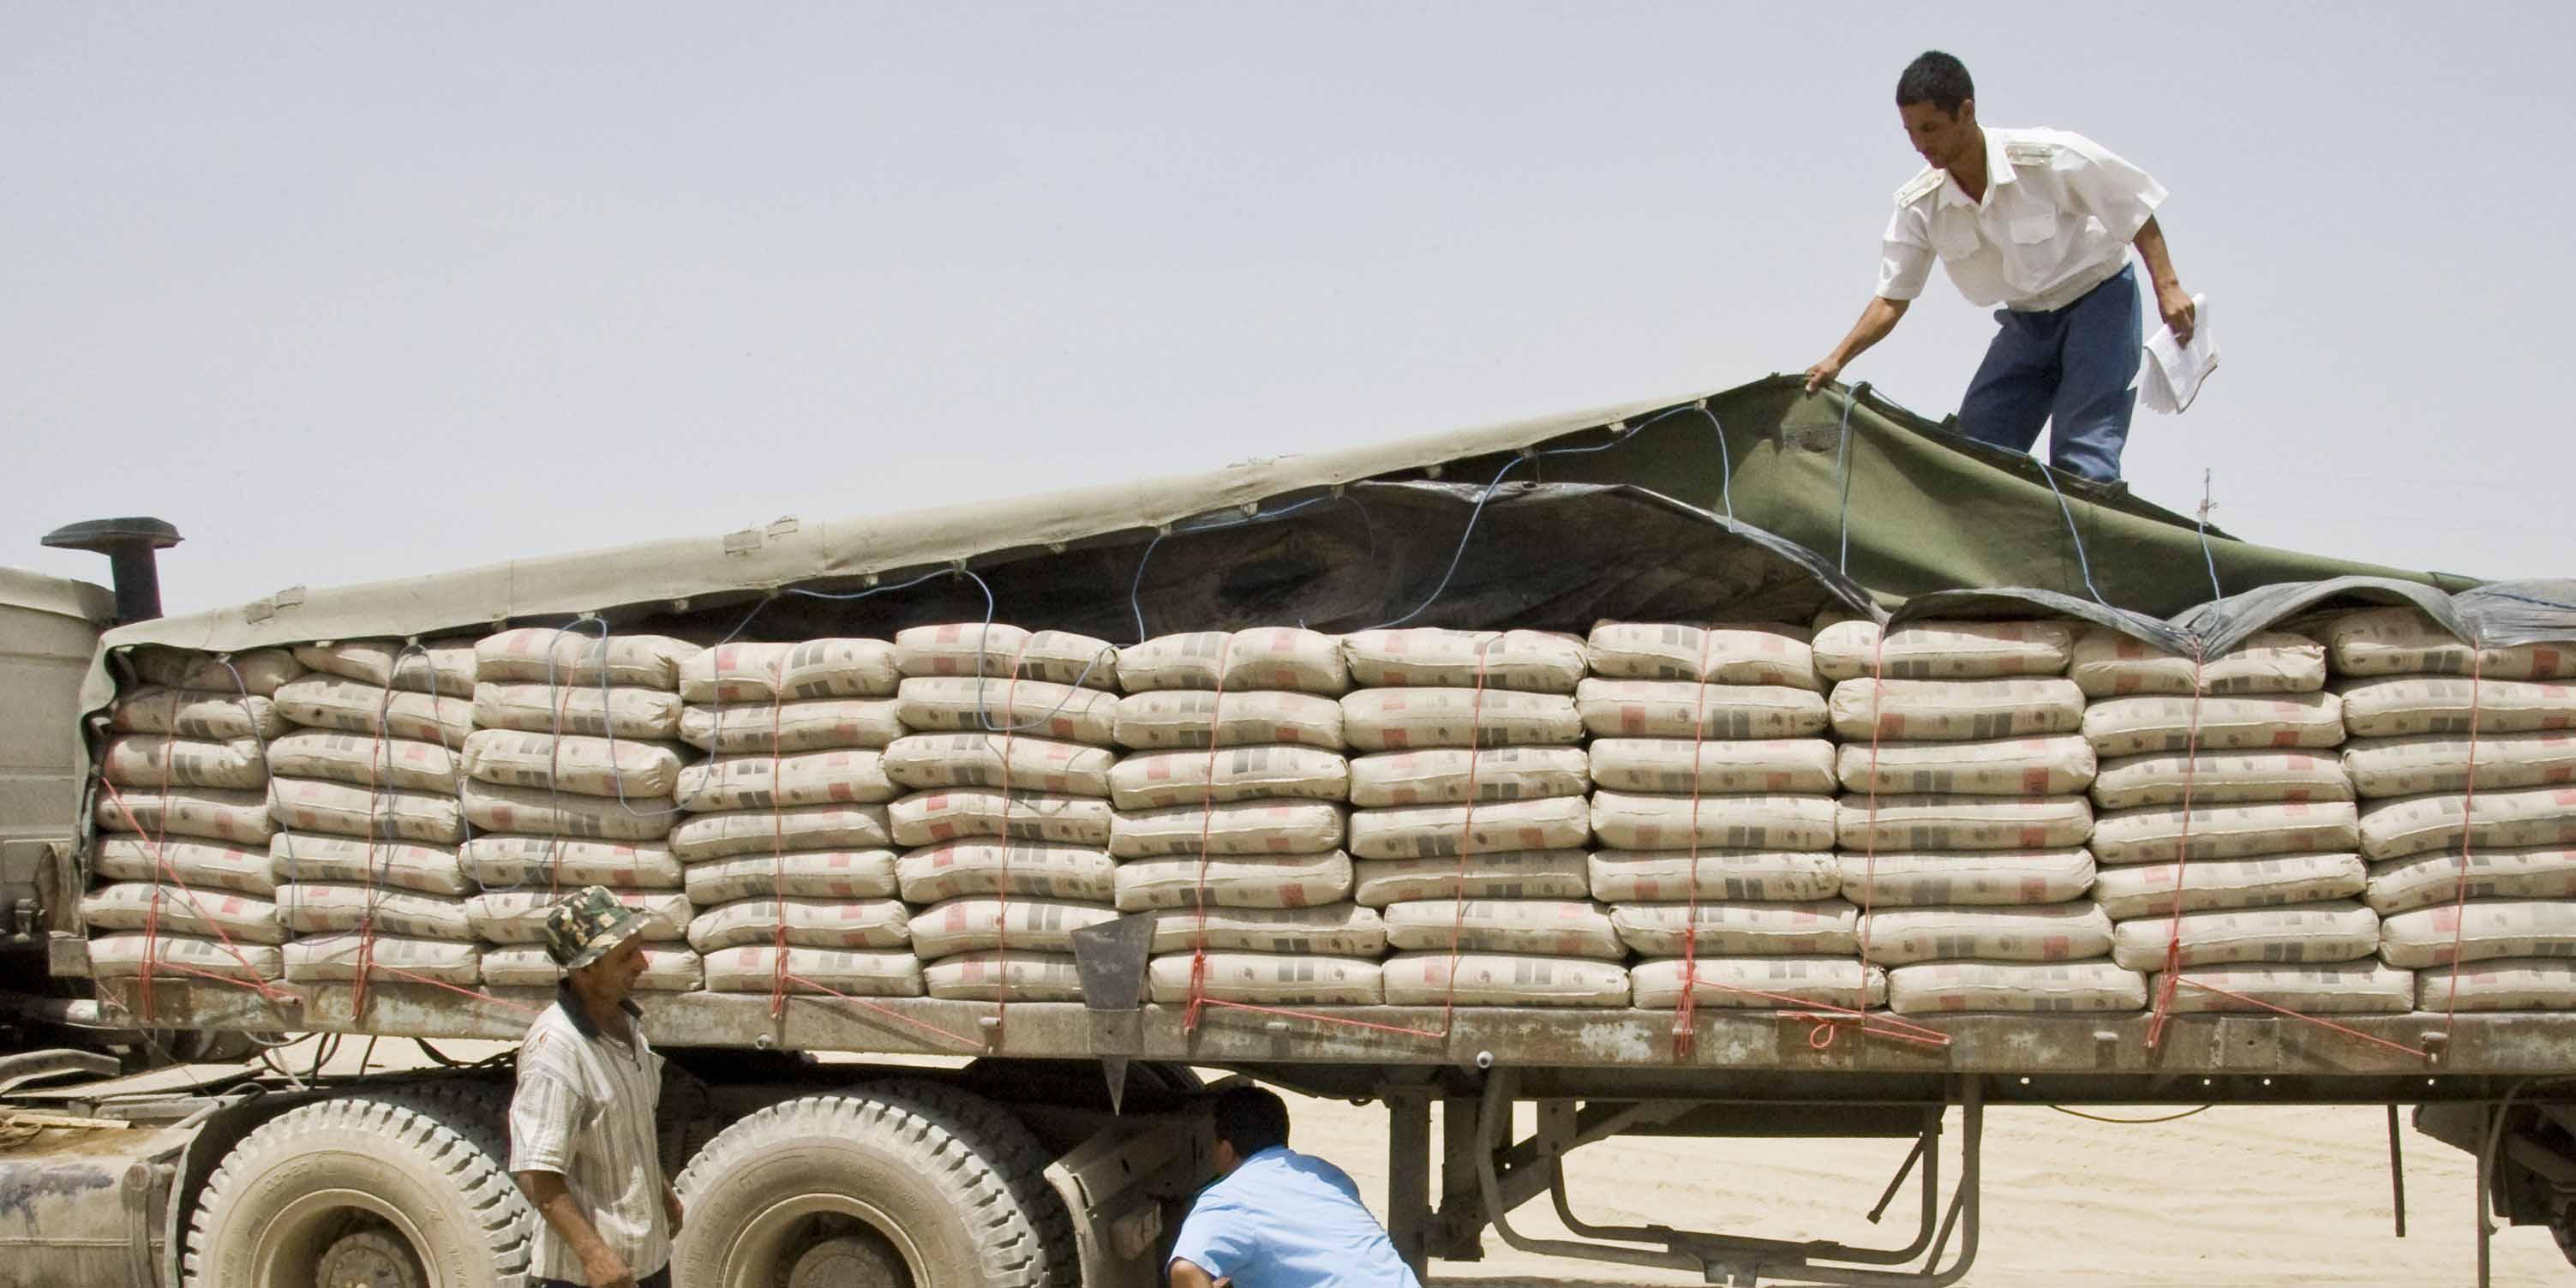 پتانسیل بالای ایران در صادرات سیمان